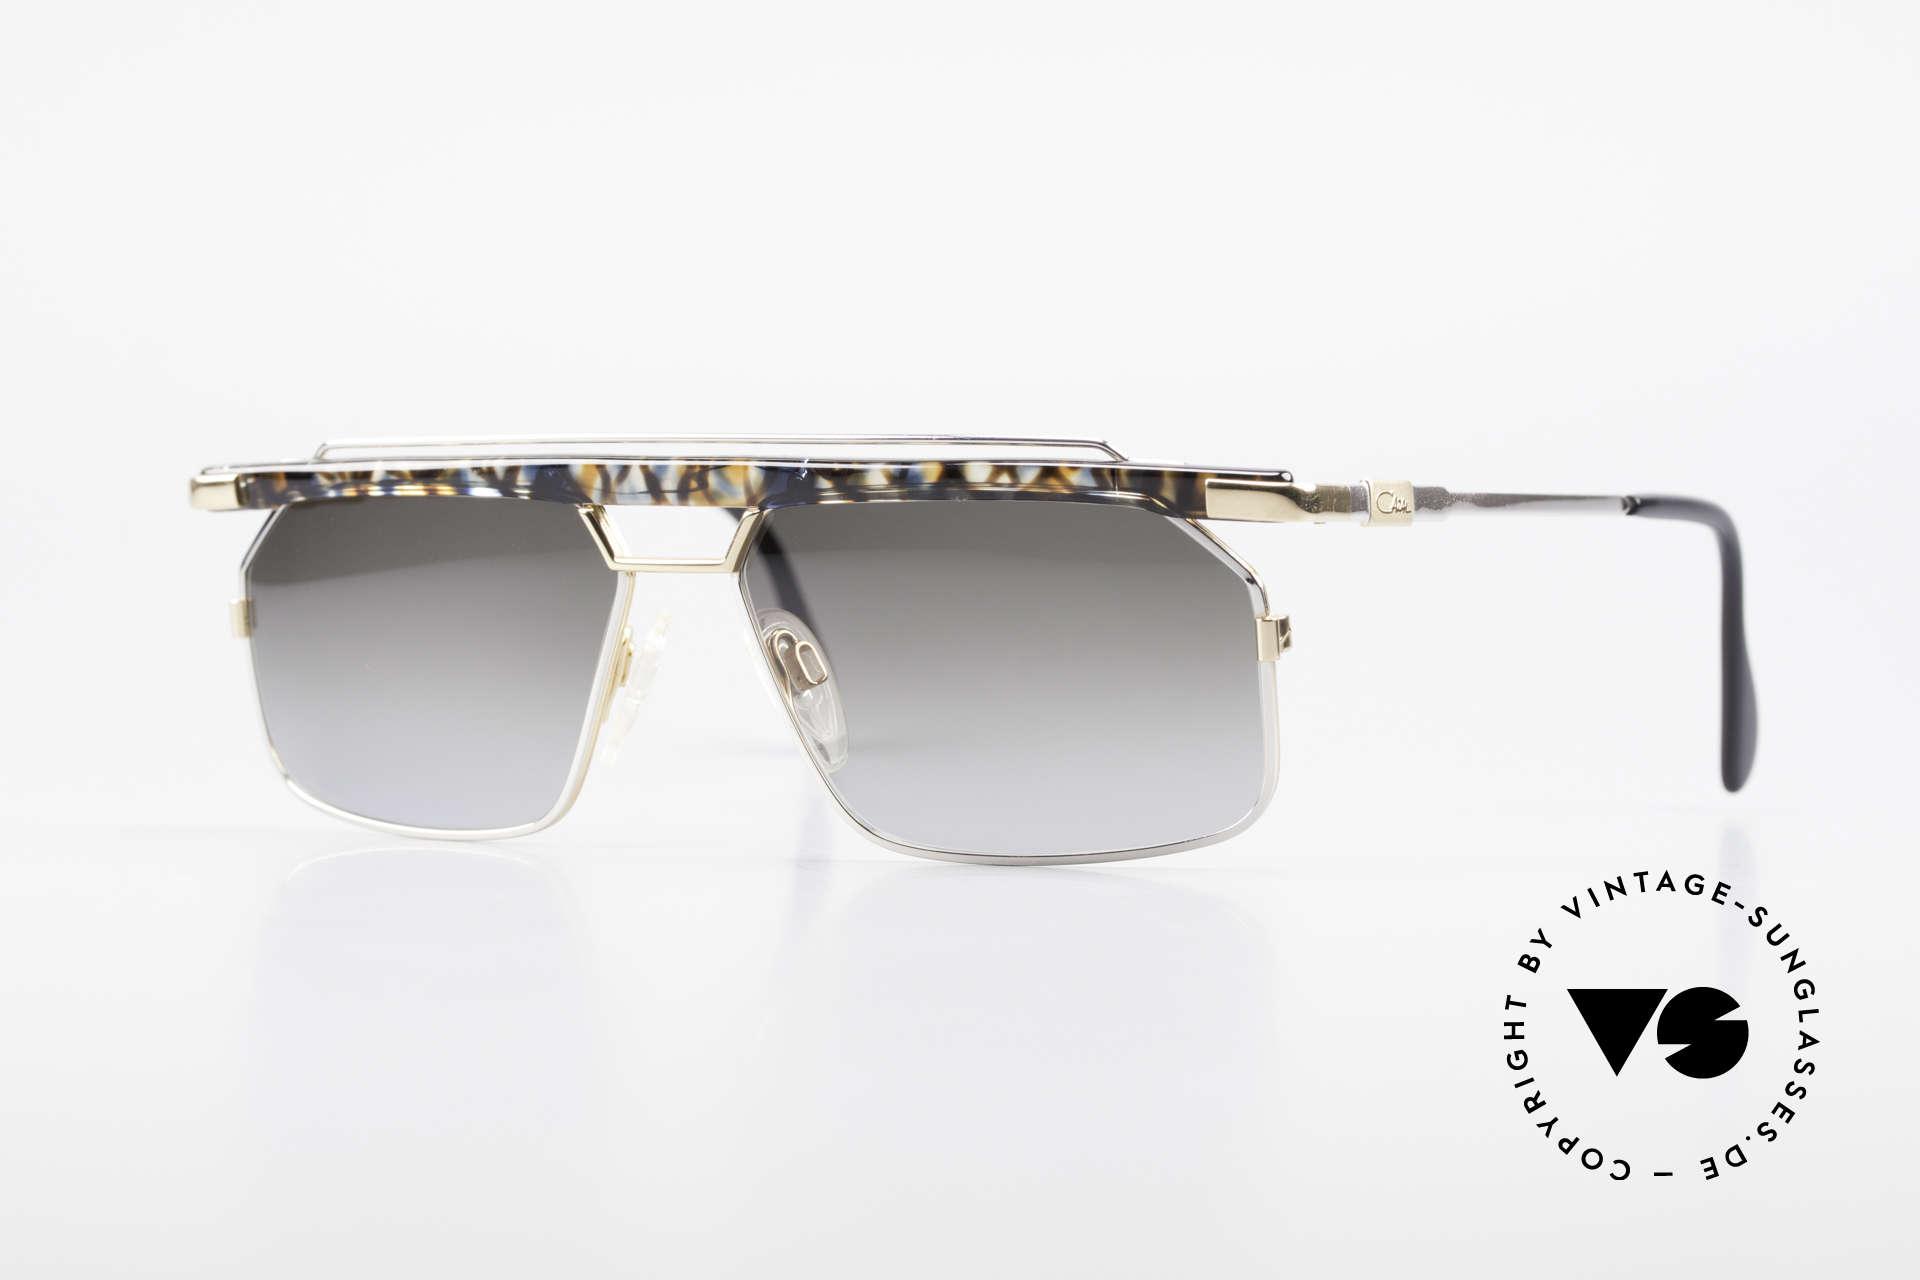 Cazal 752 Rare 90er Vintage Sonnenbrille, sehr markante CAZAL Herren-Brille von 1993/1994, Passend für Herren